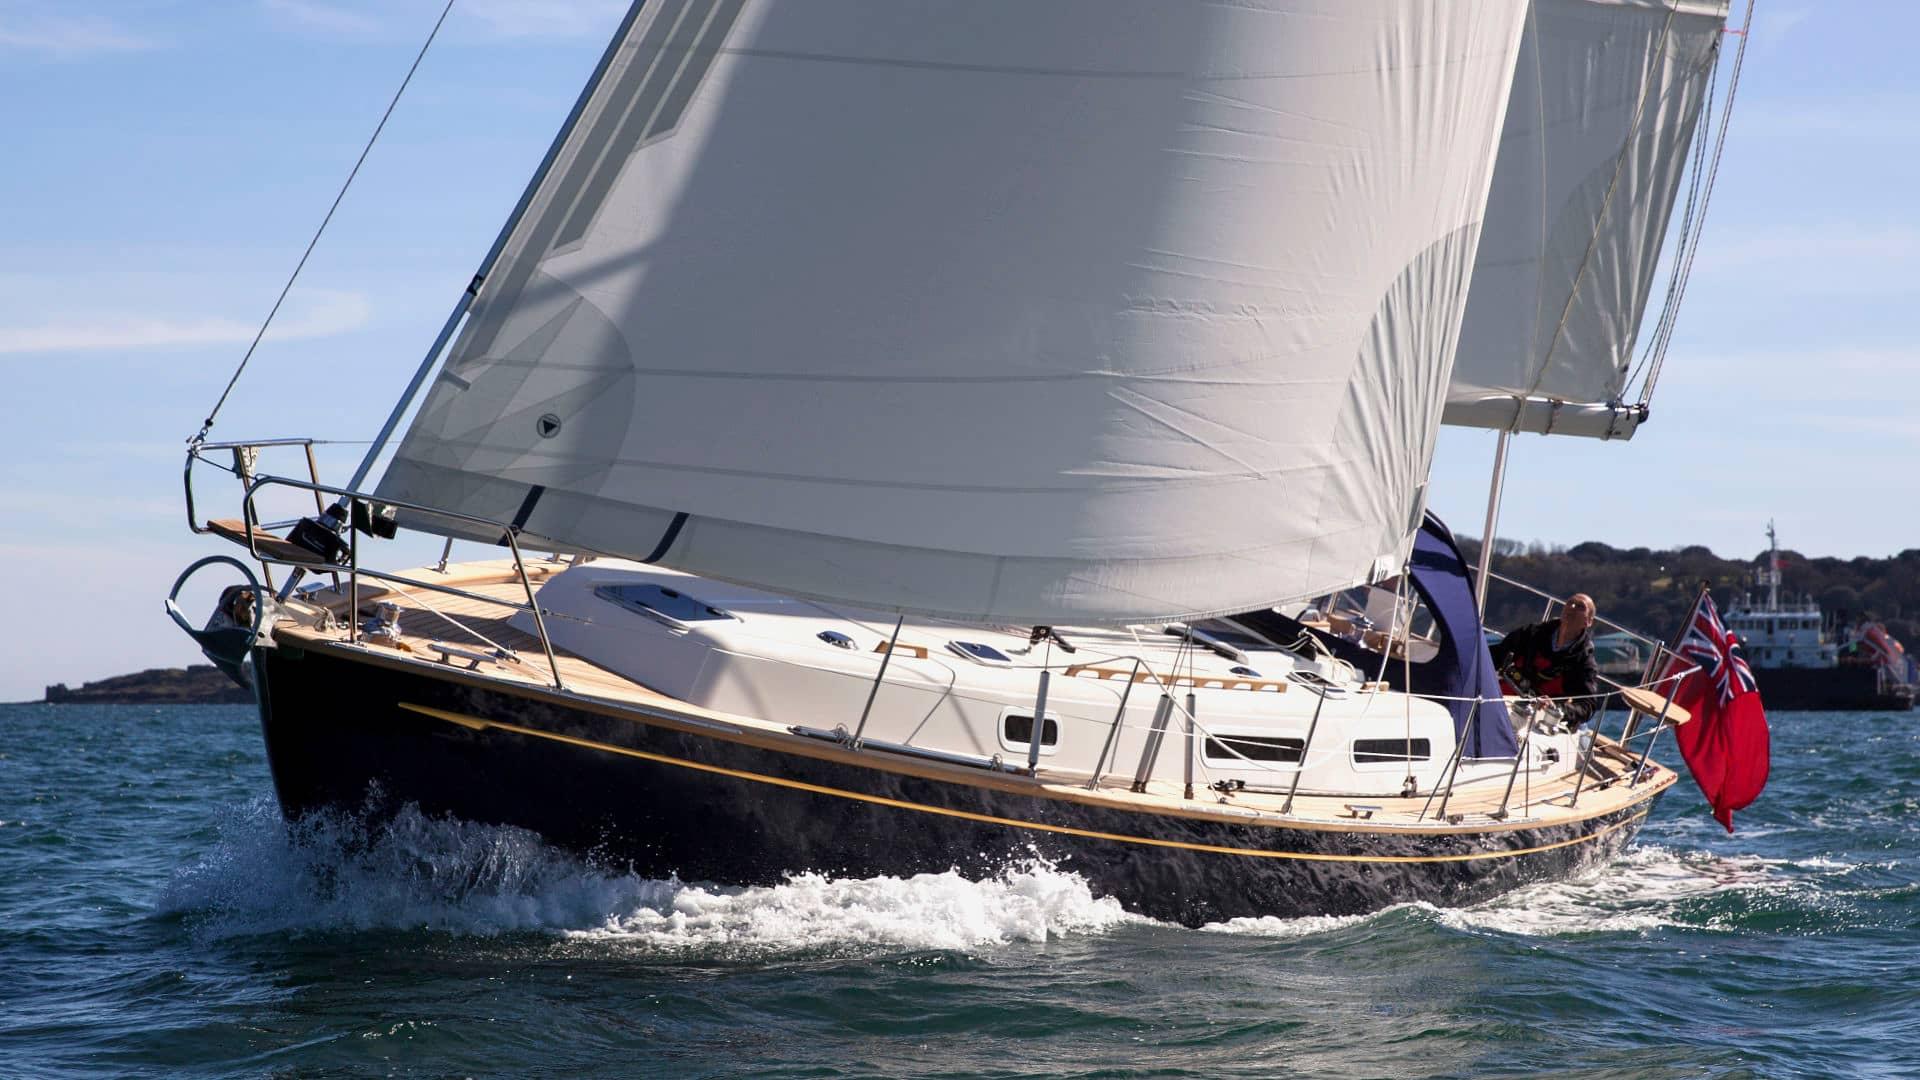 Rustler 37 sailing